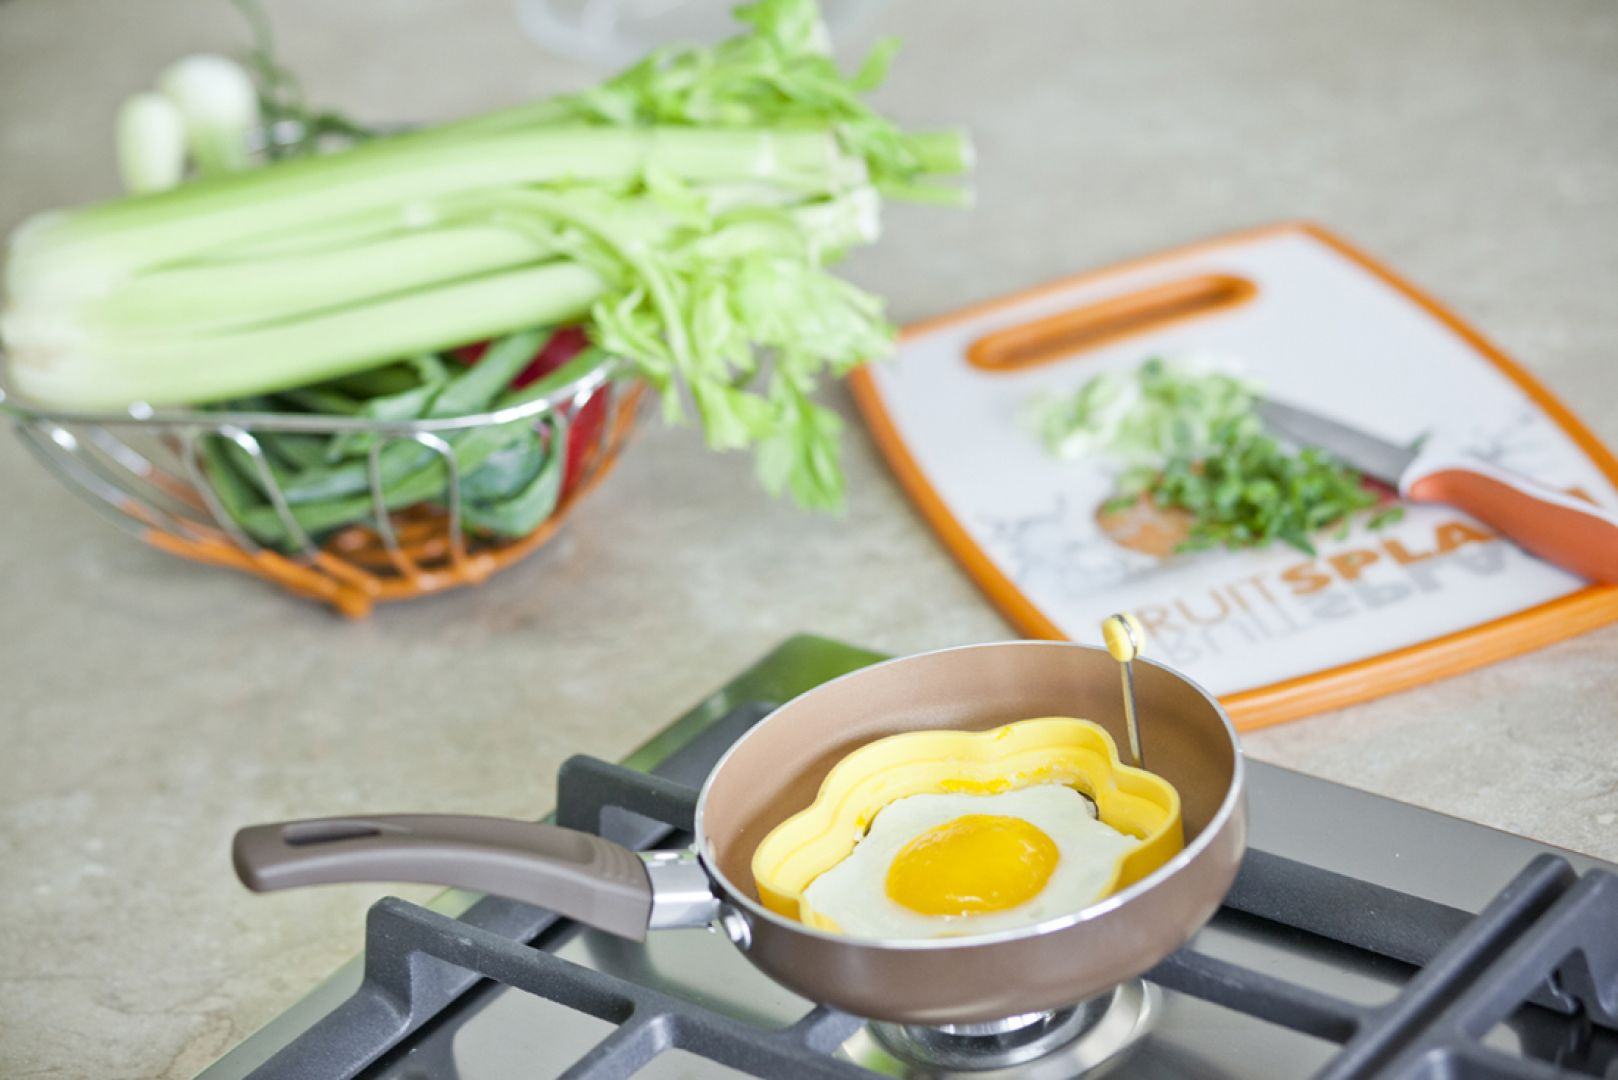 Malutkie patelnie wydają się niepraktyczne, jednak do przygotowania jajka na śniadanie czy  pancake'ów są idealne. Przydadzą się także zabawne foremki do sadzonych jajek. Na zdjęciu patelnia